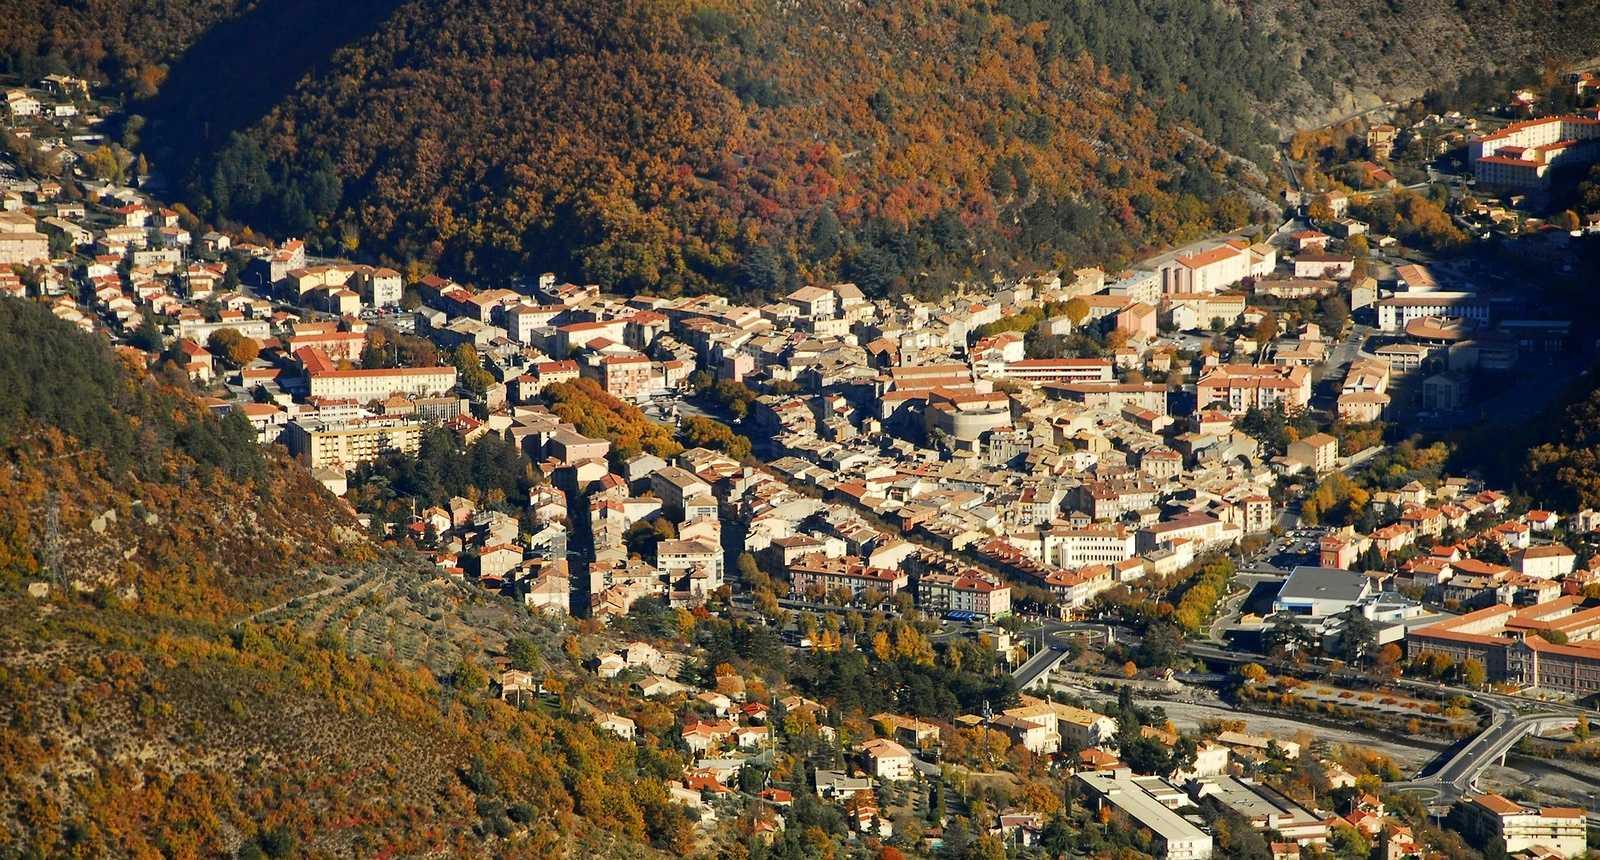 Vue aérienne sur la ville de Digne-les-Bains